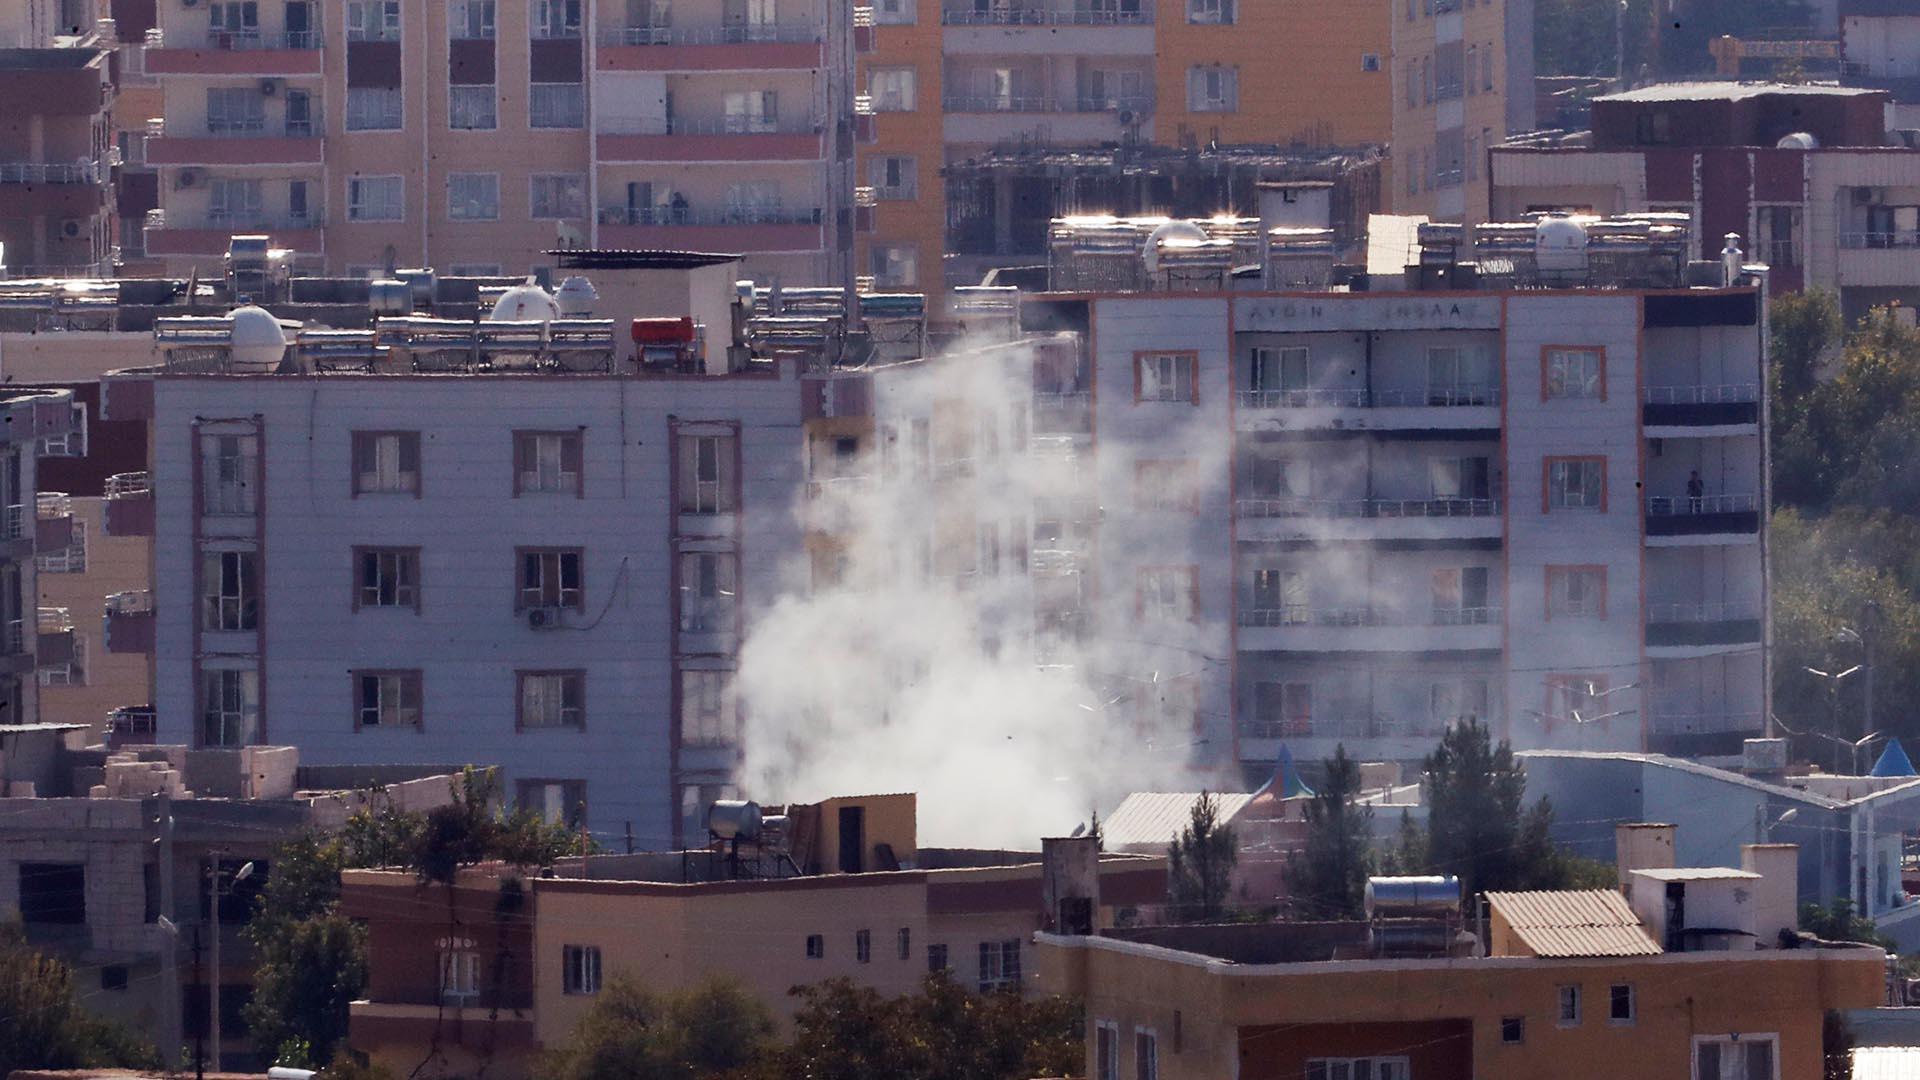 Μετά το πλιάτσικο οι μισθοφόροι των Τούρκων καίνε τα σπίτια Σύριων πολιτών στην ύπαιθρο της πόλης Ρας αλ-Άϊν.